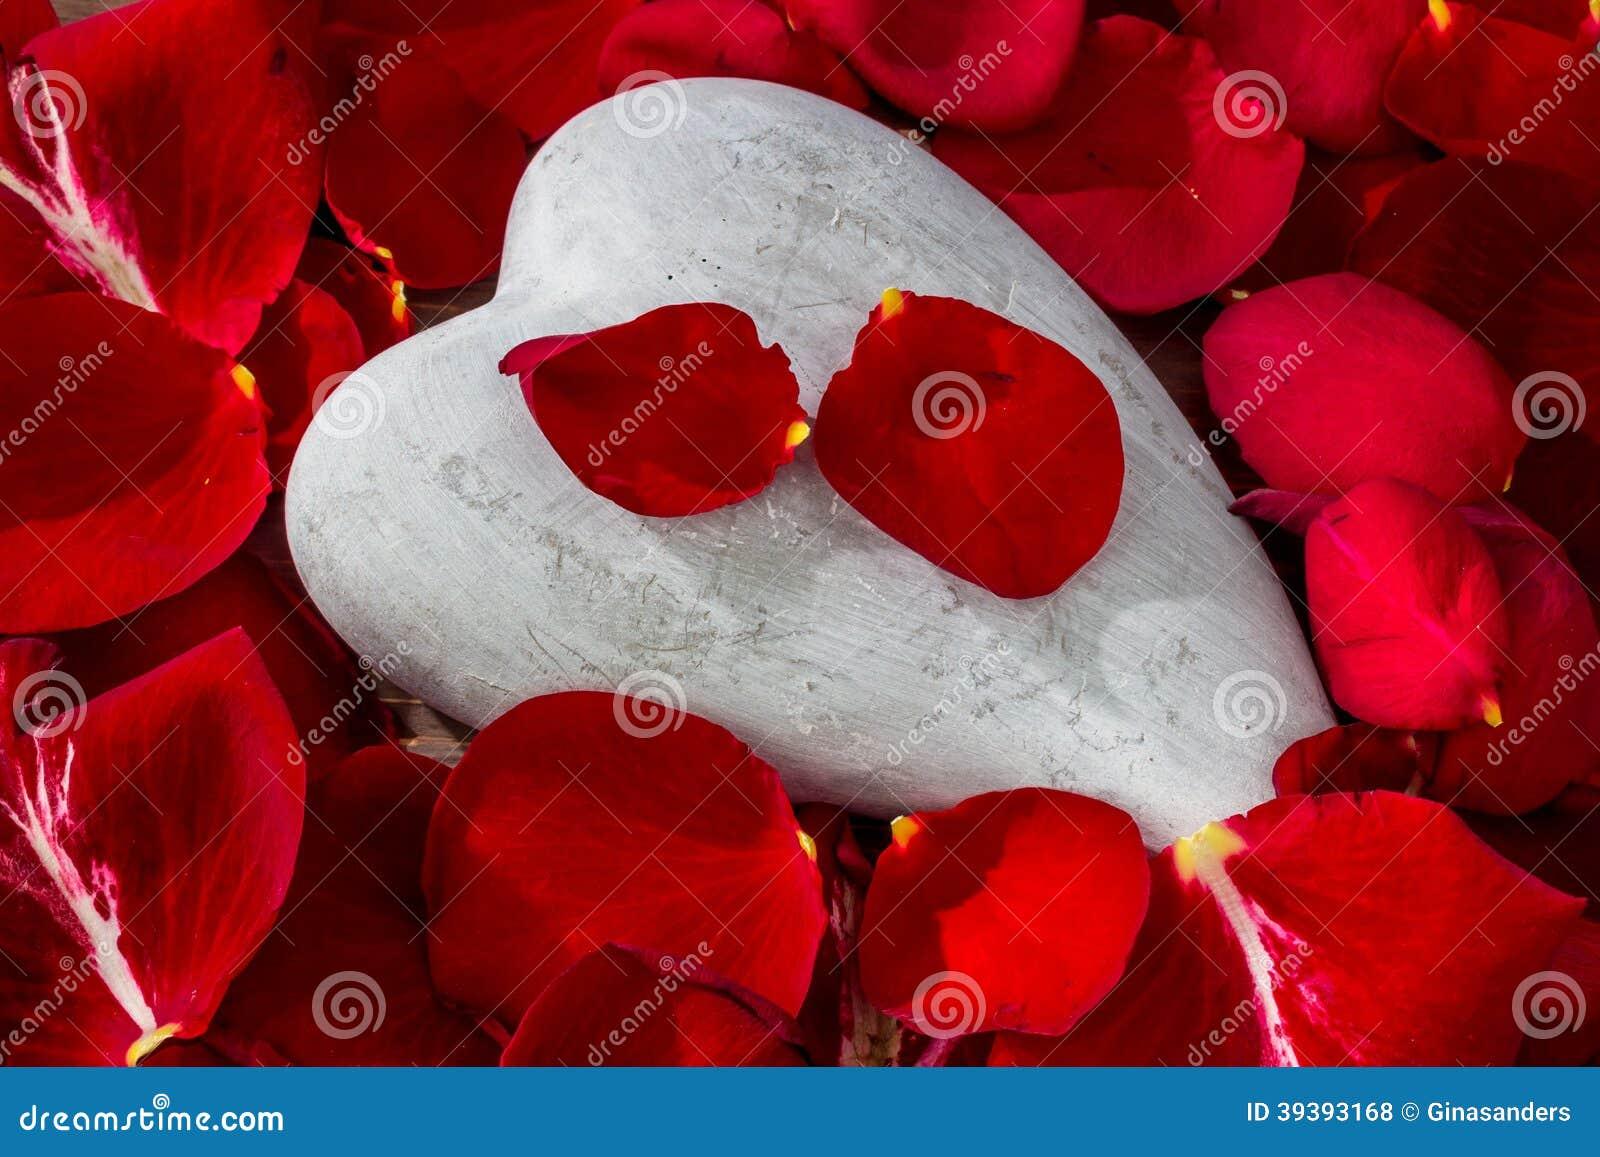 Liebe Für Valentinstag